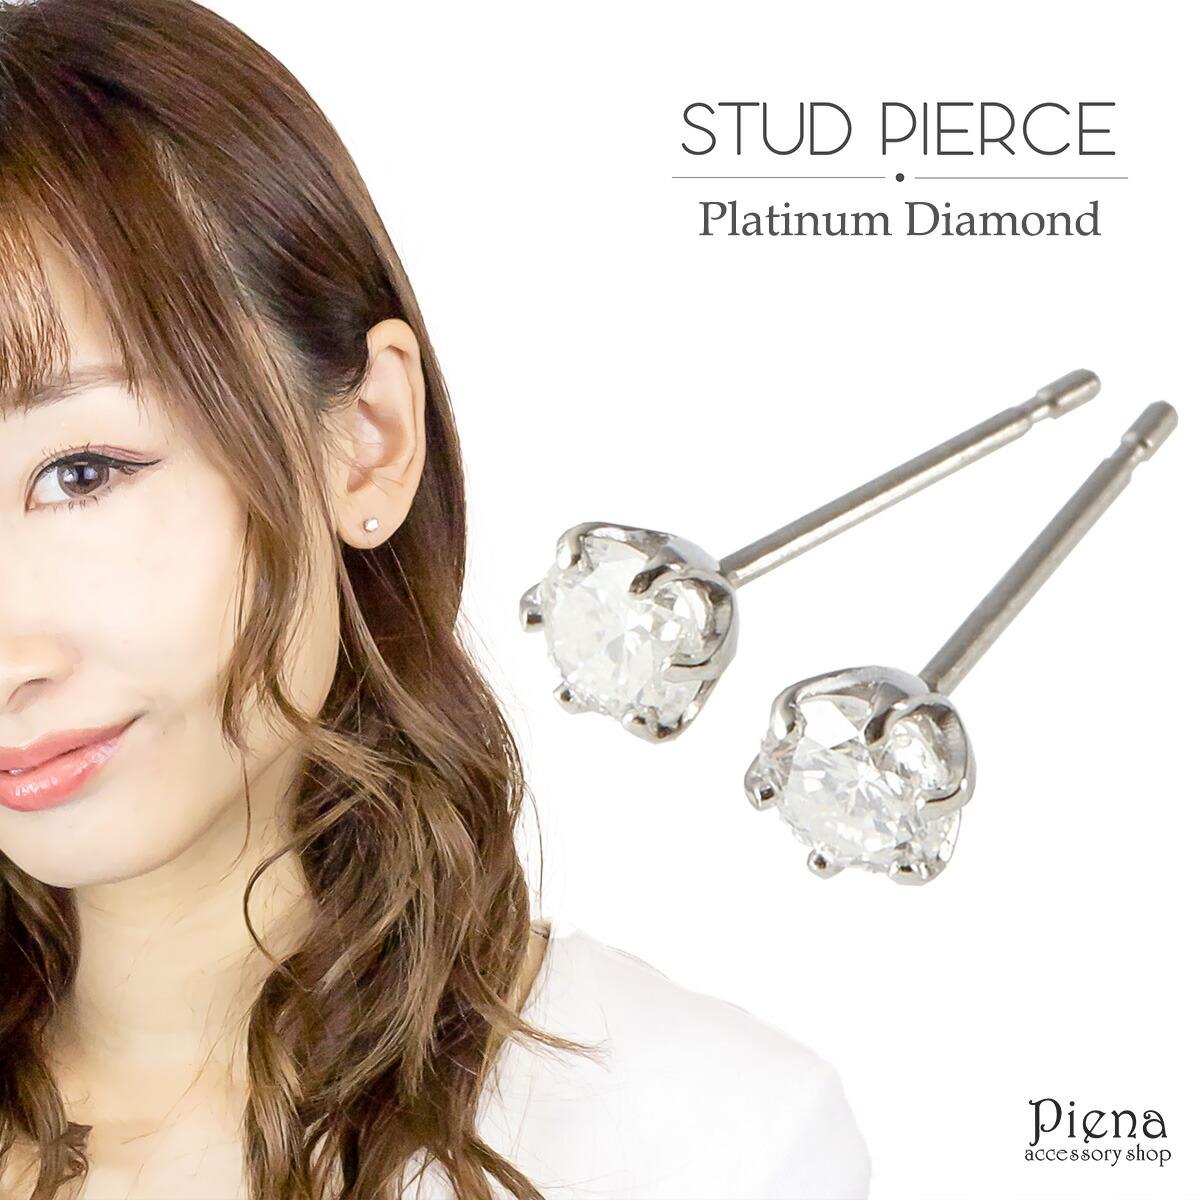 ピアス レディース 天然ダイヤモンド プラチナ900 0.3ct 一石 1粒 シンプル スタッド 0.3カラット 6本爪 ソリティア 送料無料